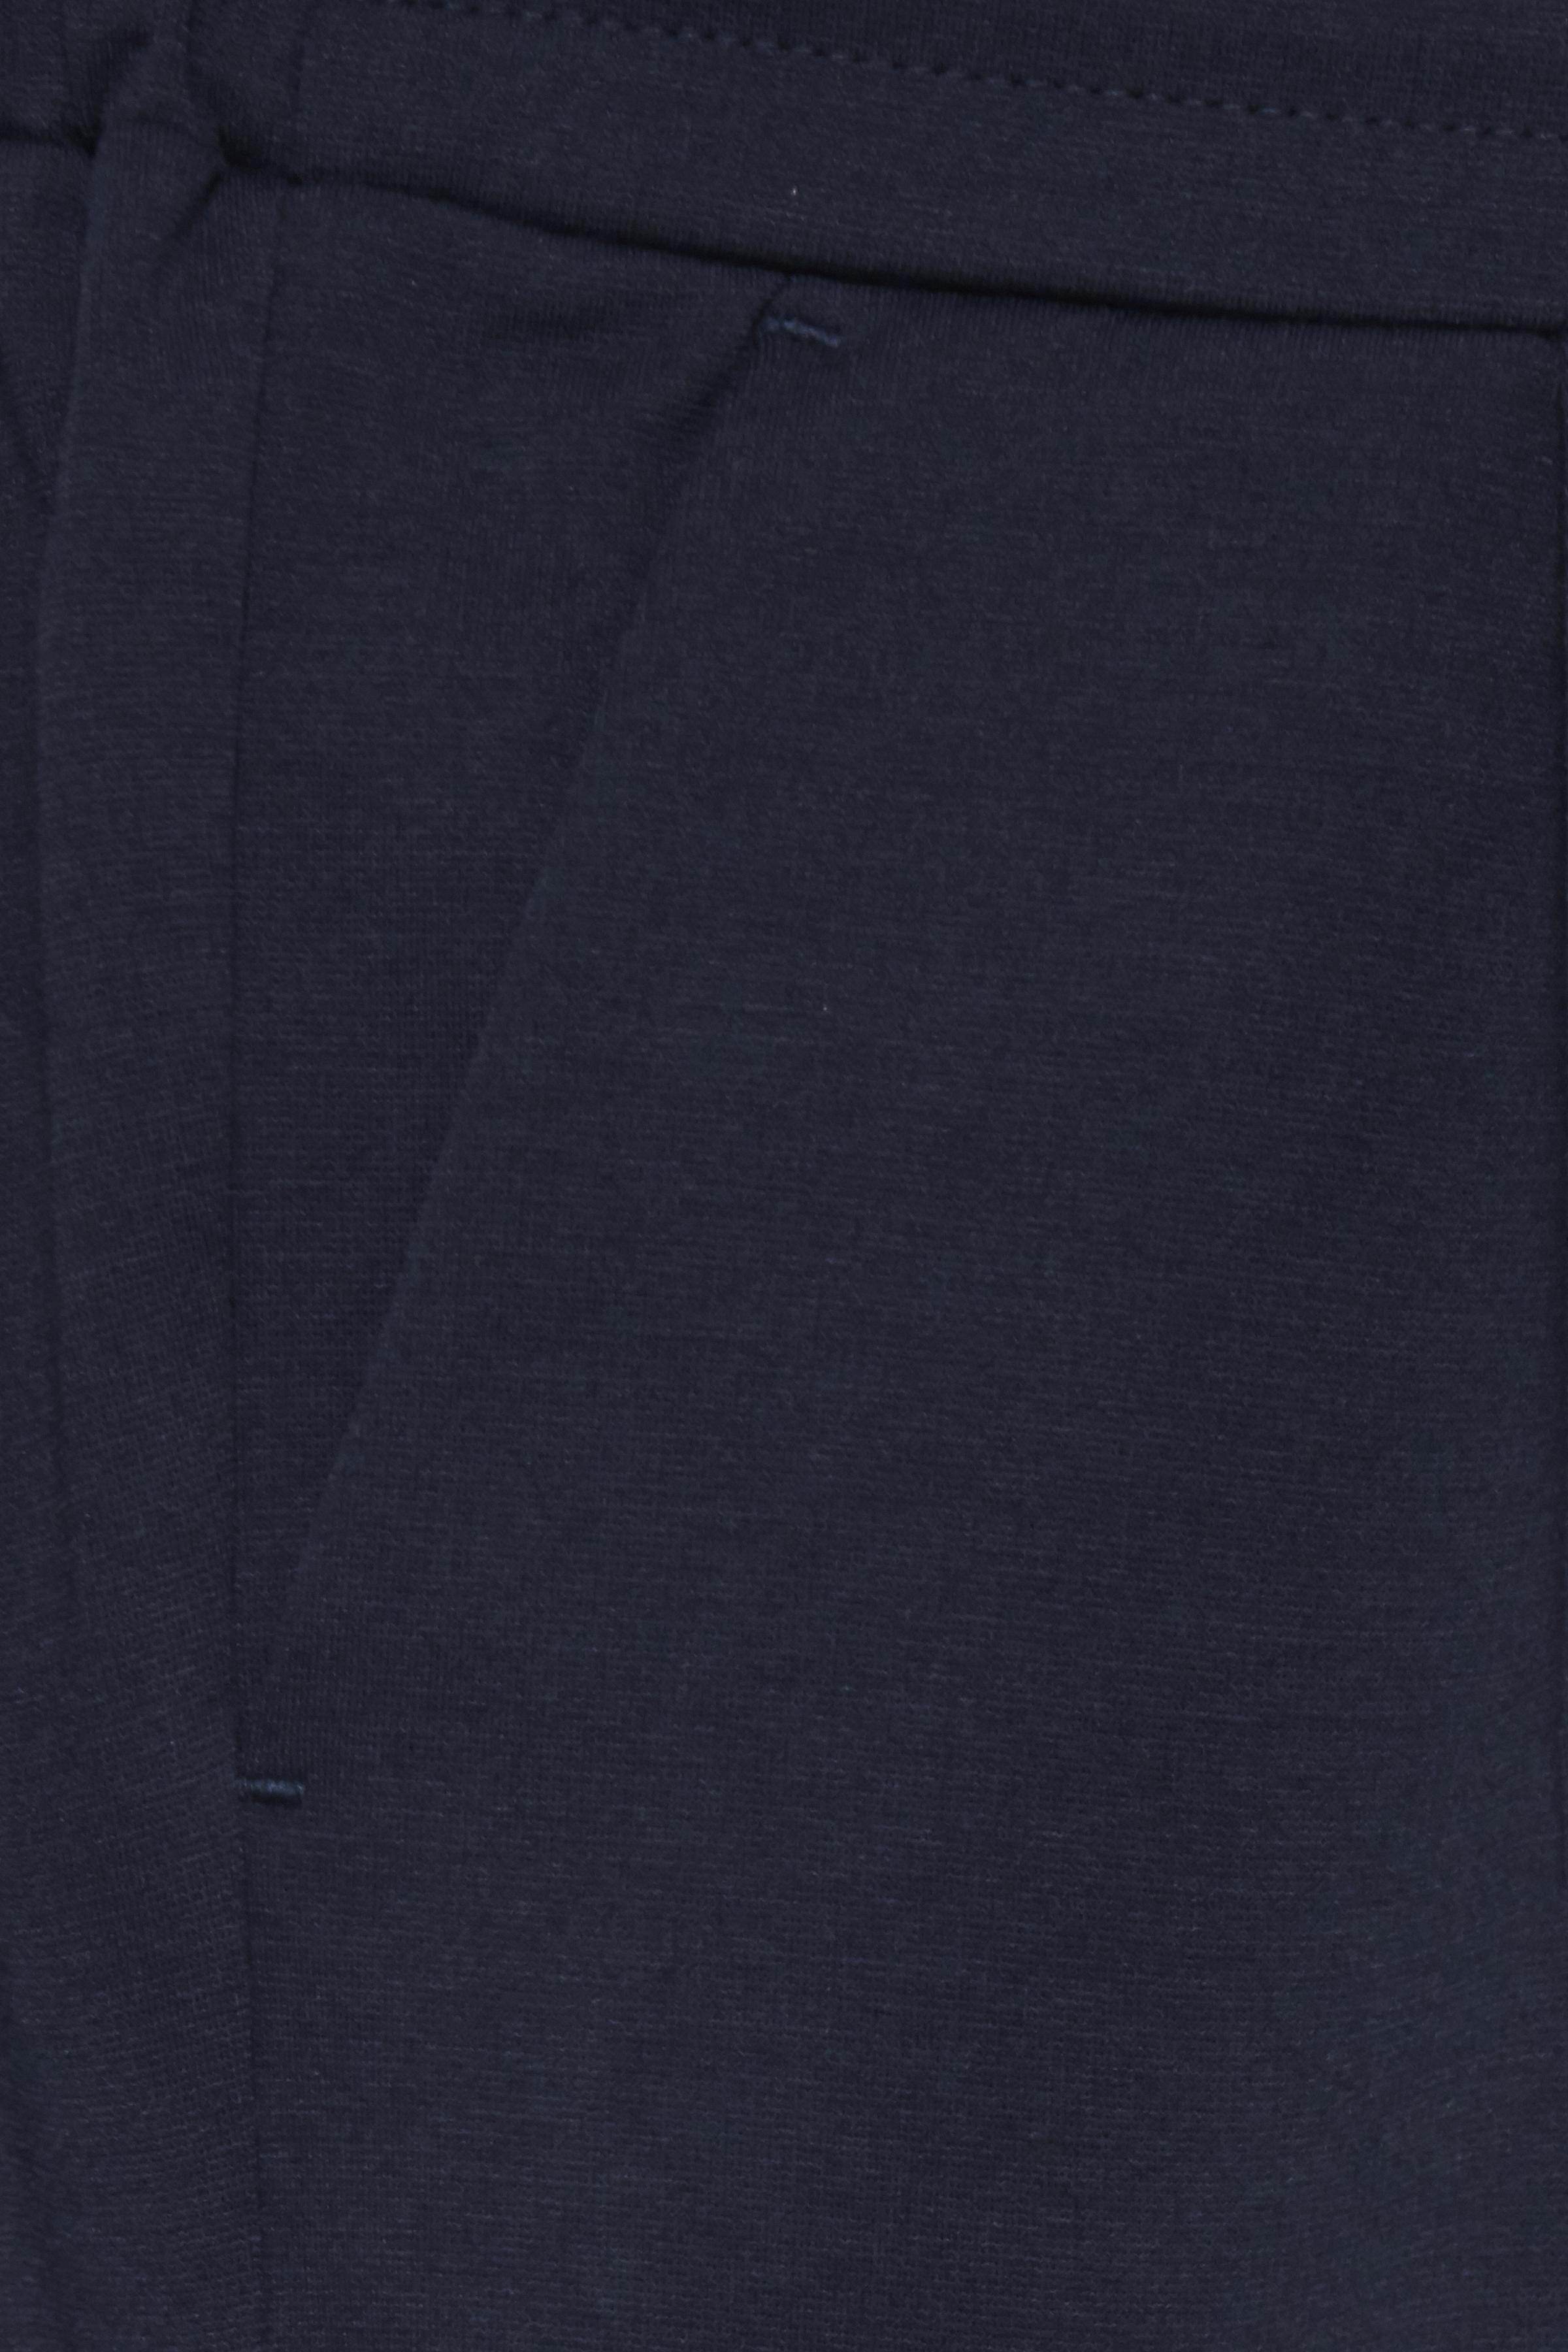 Total Eclipse Bukser i blød jersey - cropped længde – Køb Total Eclipse Bukser i blød jersey - cropped længde fra str. XS-XXL her